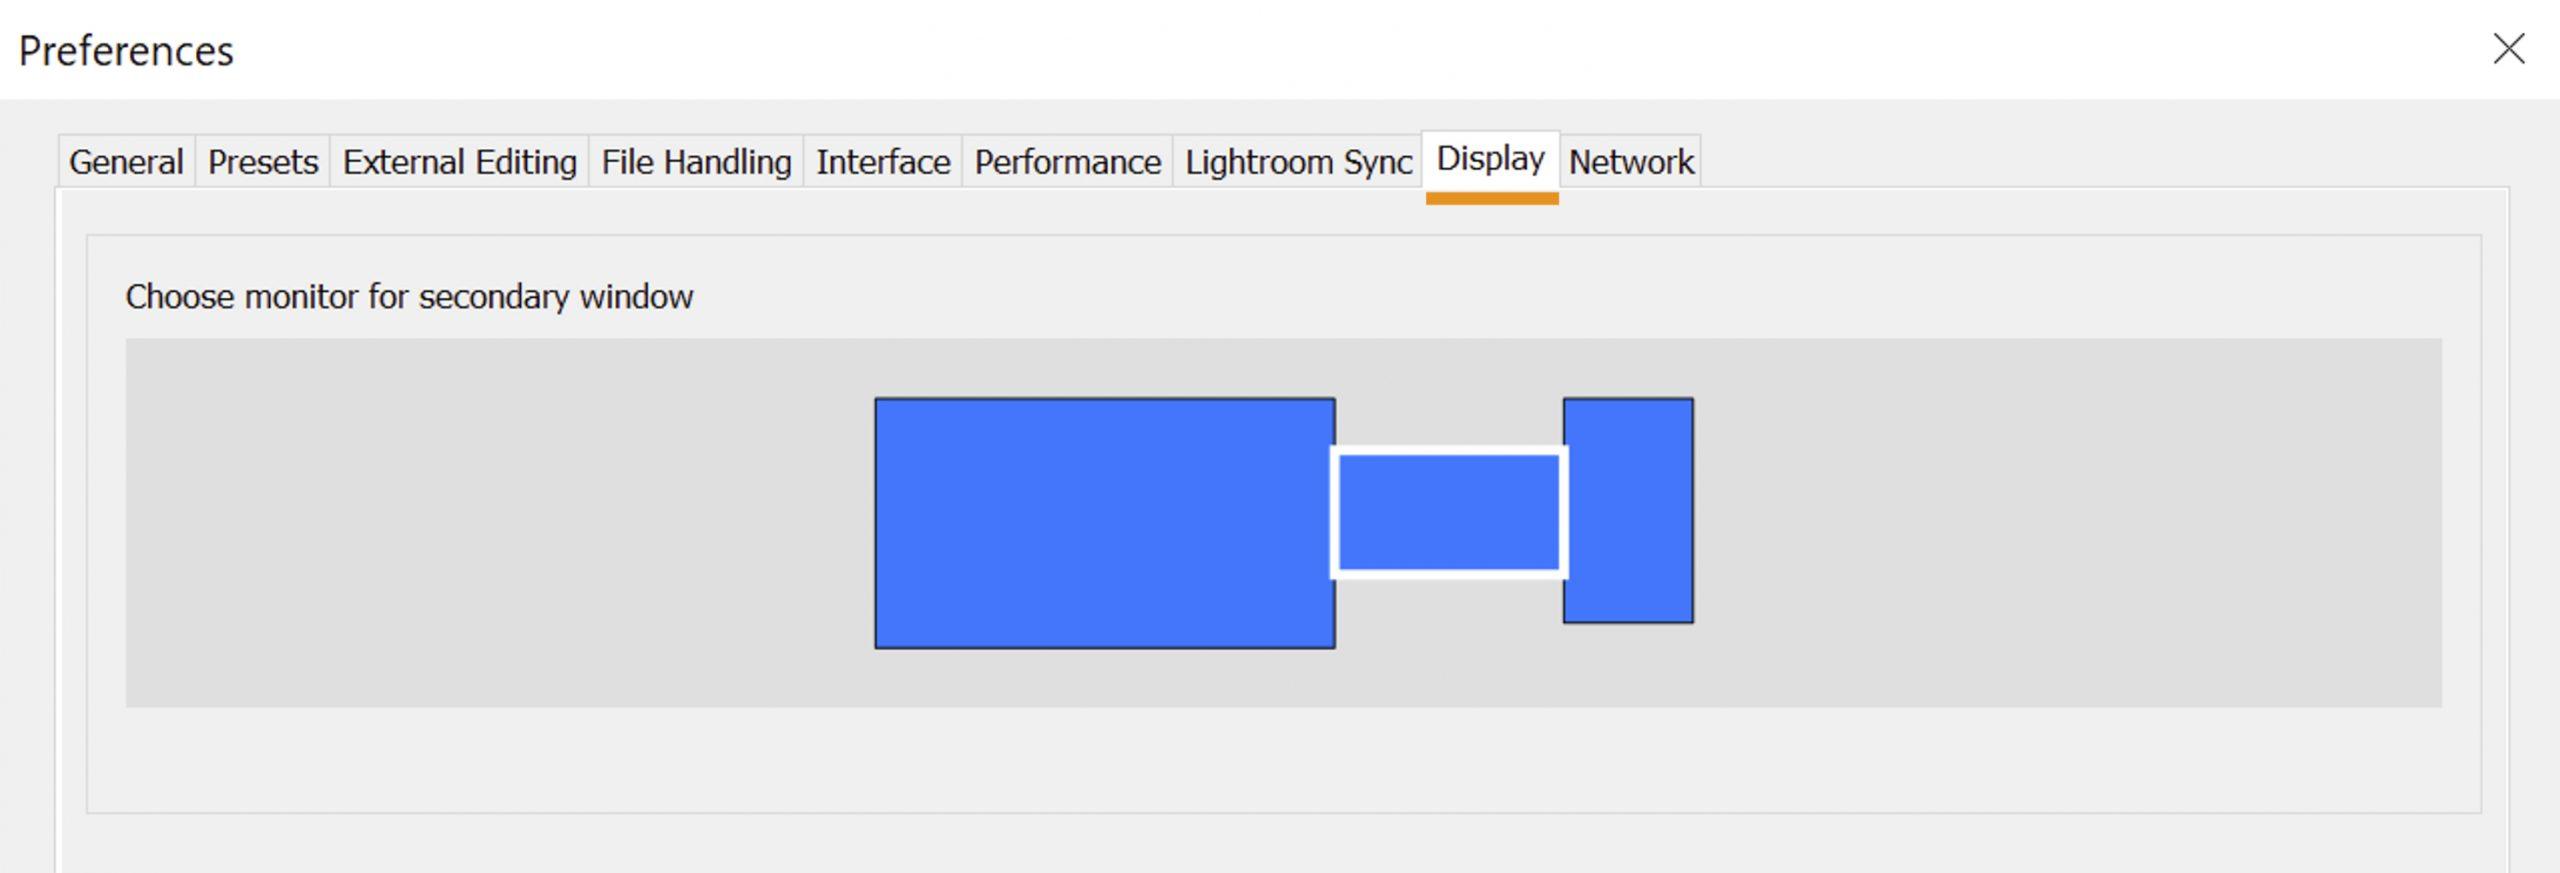 A Adobe traz novos recursos para o Lightroom, como o Split View no iPad e novas opções de exportação 5